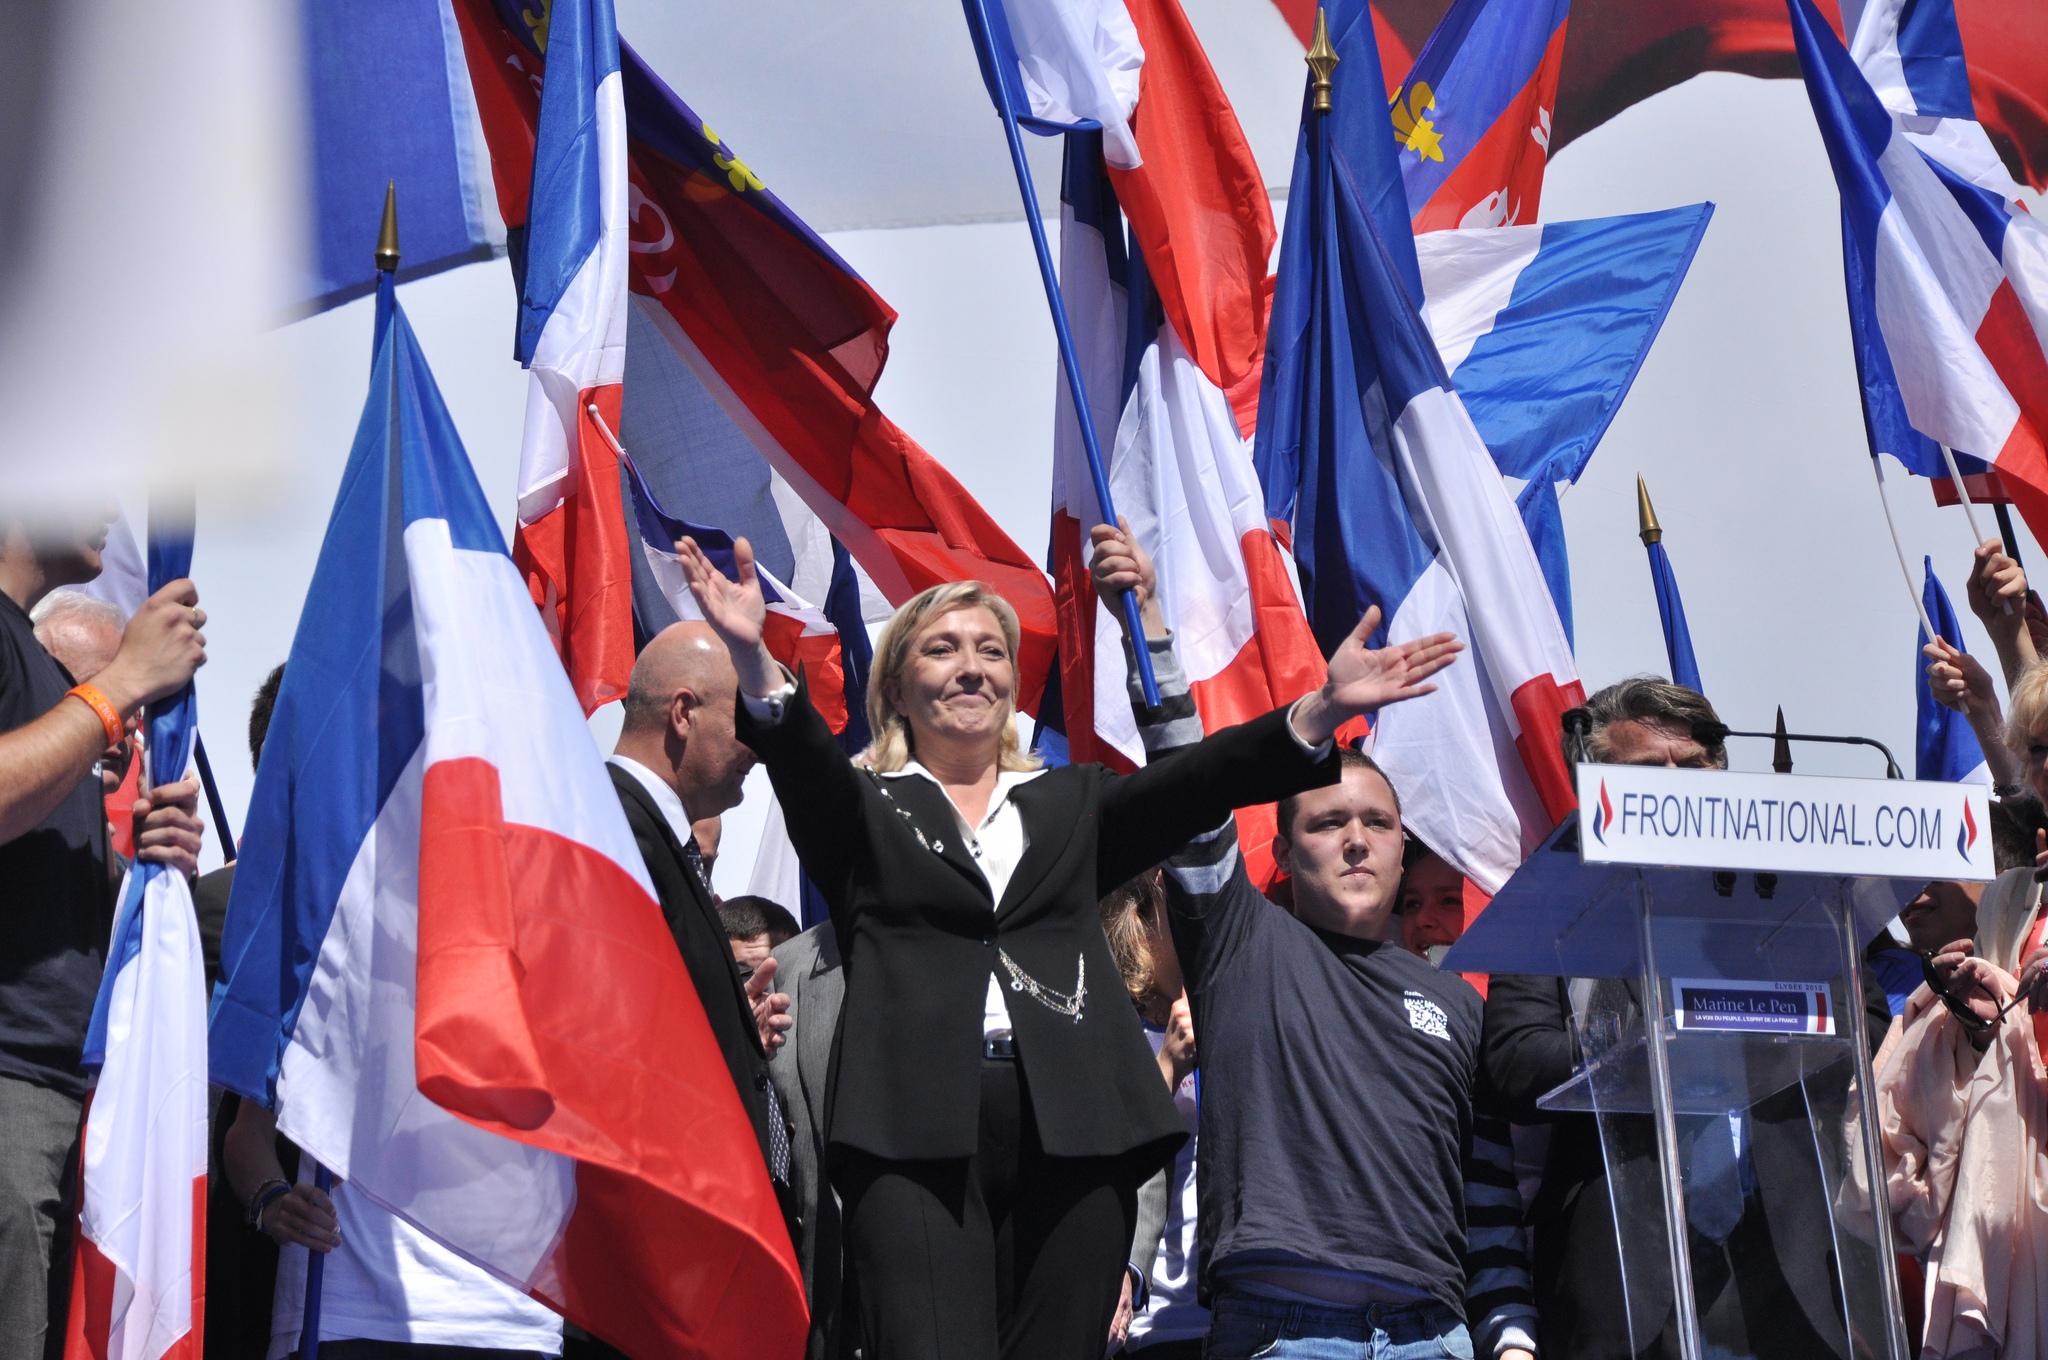 Марин Льо Пен, лидерът на френския Национален Фронт, приветства свои привърженици. Снимка: Бландин Льо Каи (лиценз: CC BY 2.0)